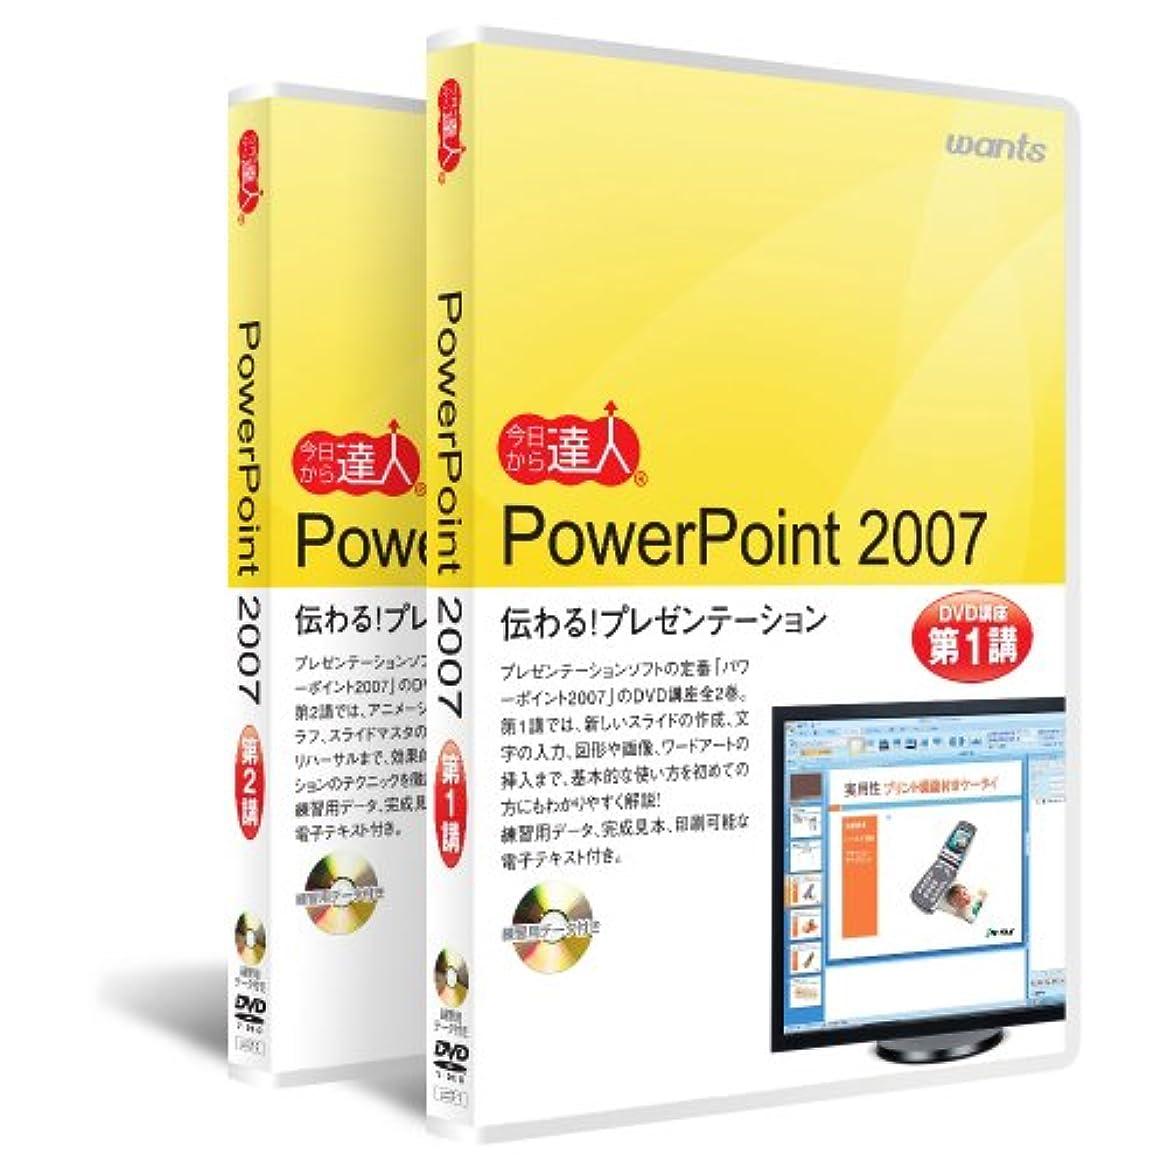 評価する正統派告白するPowerPoint2007:DVD講座2巻セット